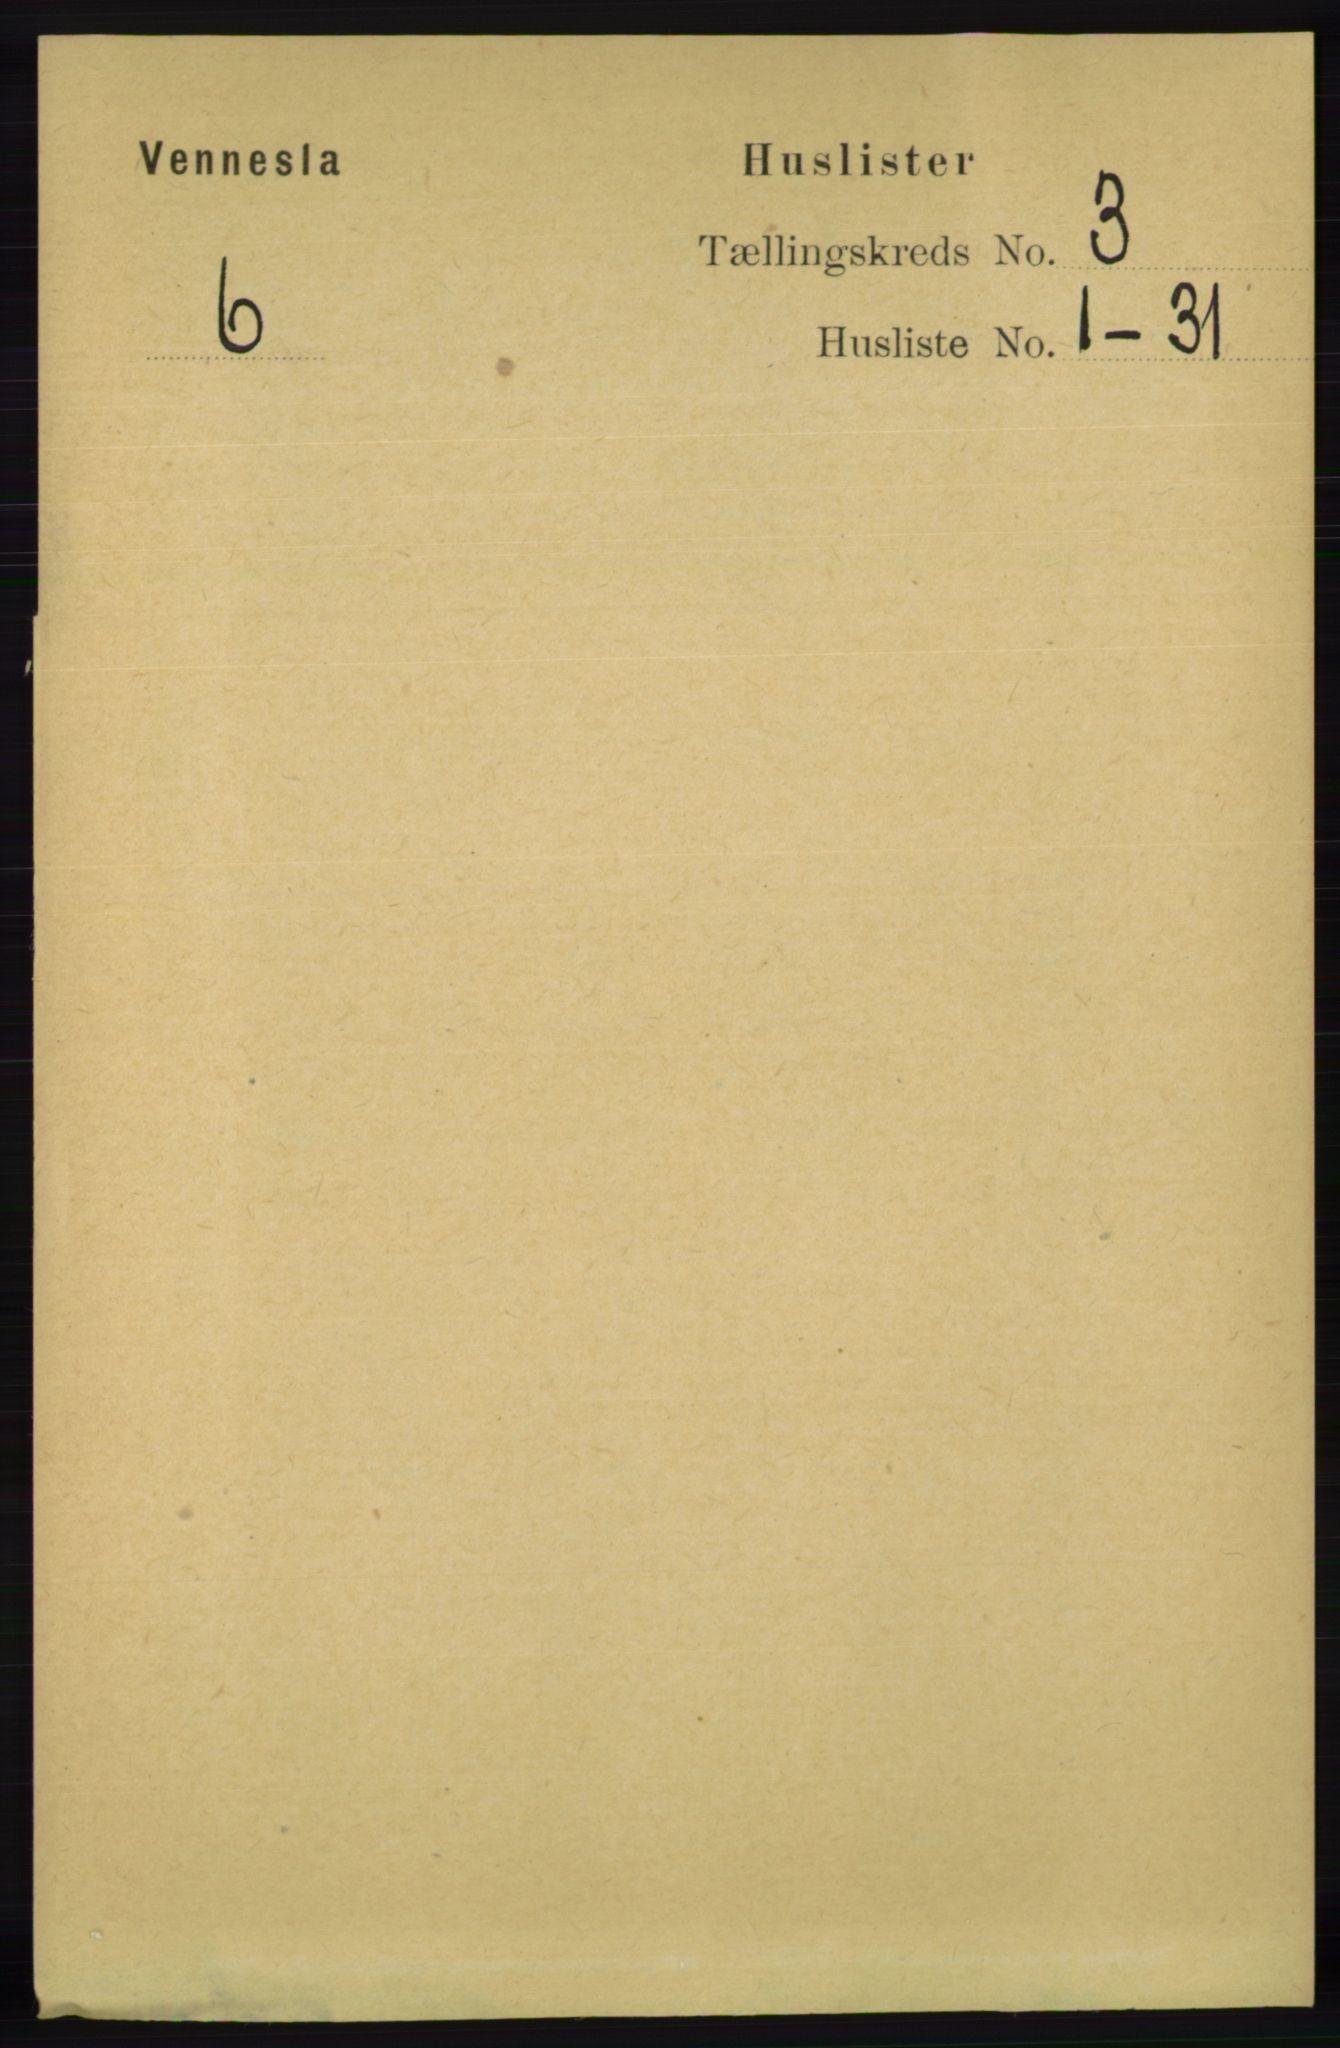 RA, Folketelling 1891 for 1014 Vennesla herred, 1891, s. 607